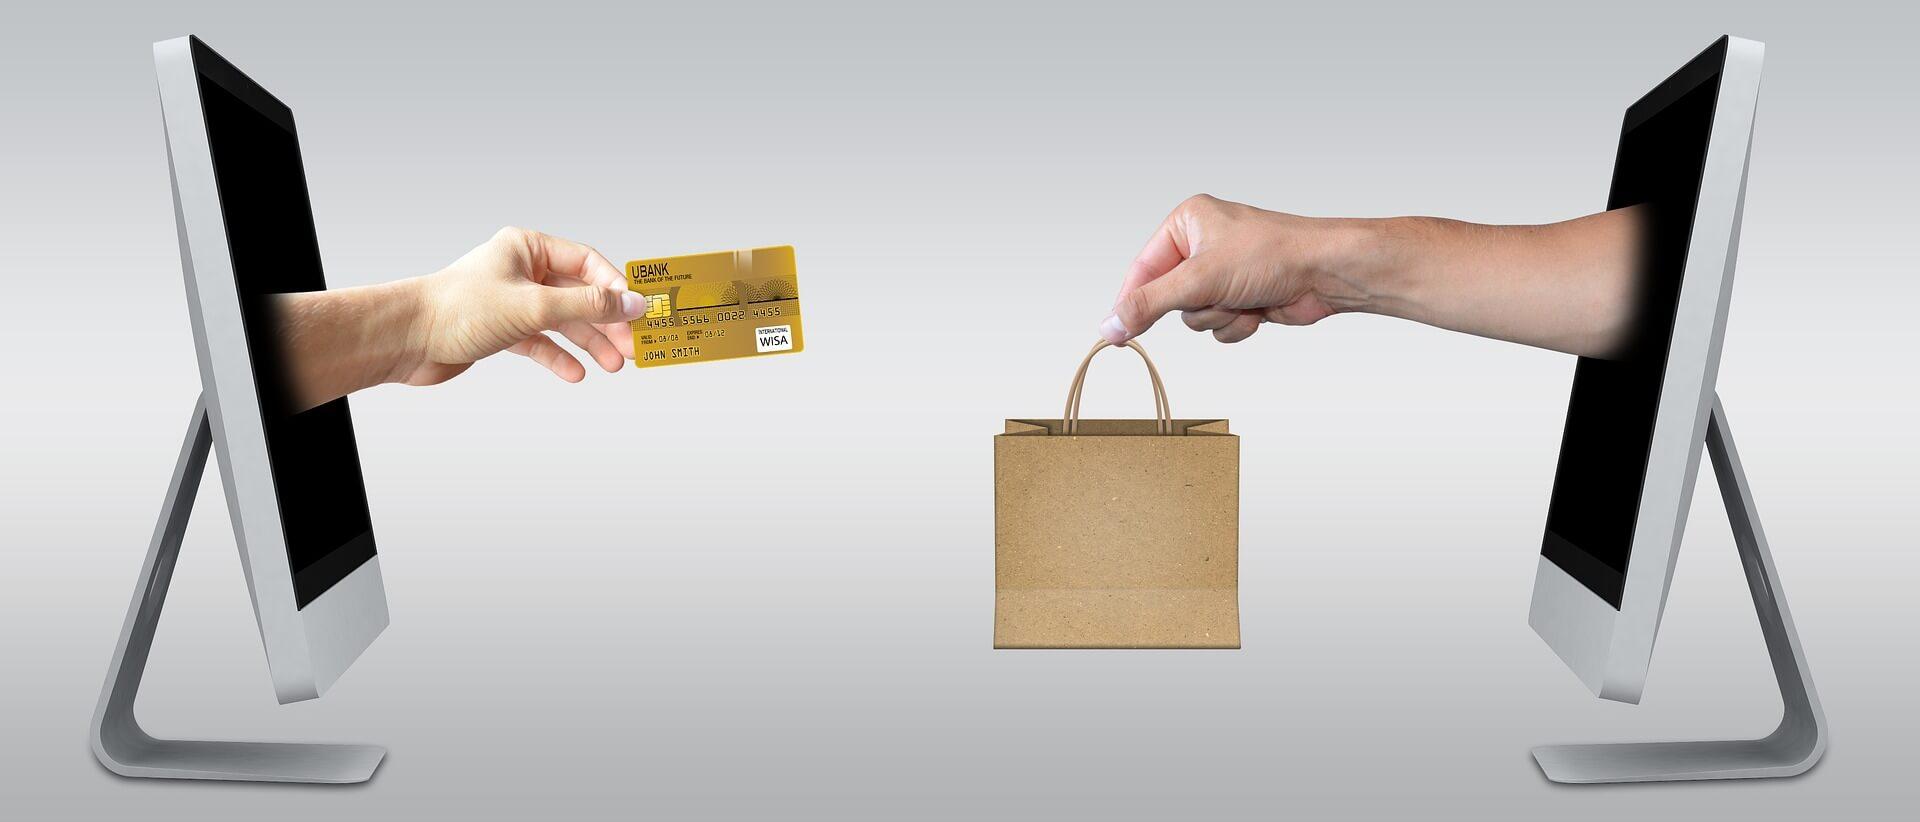 quanto costa aprire un ecommerce